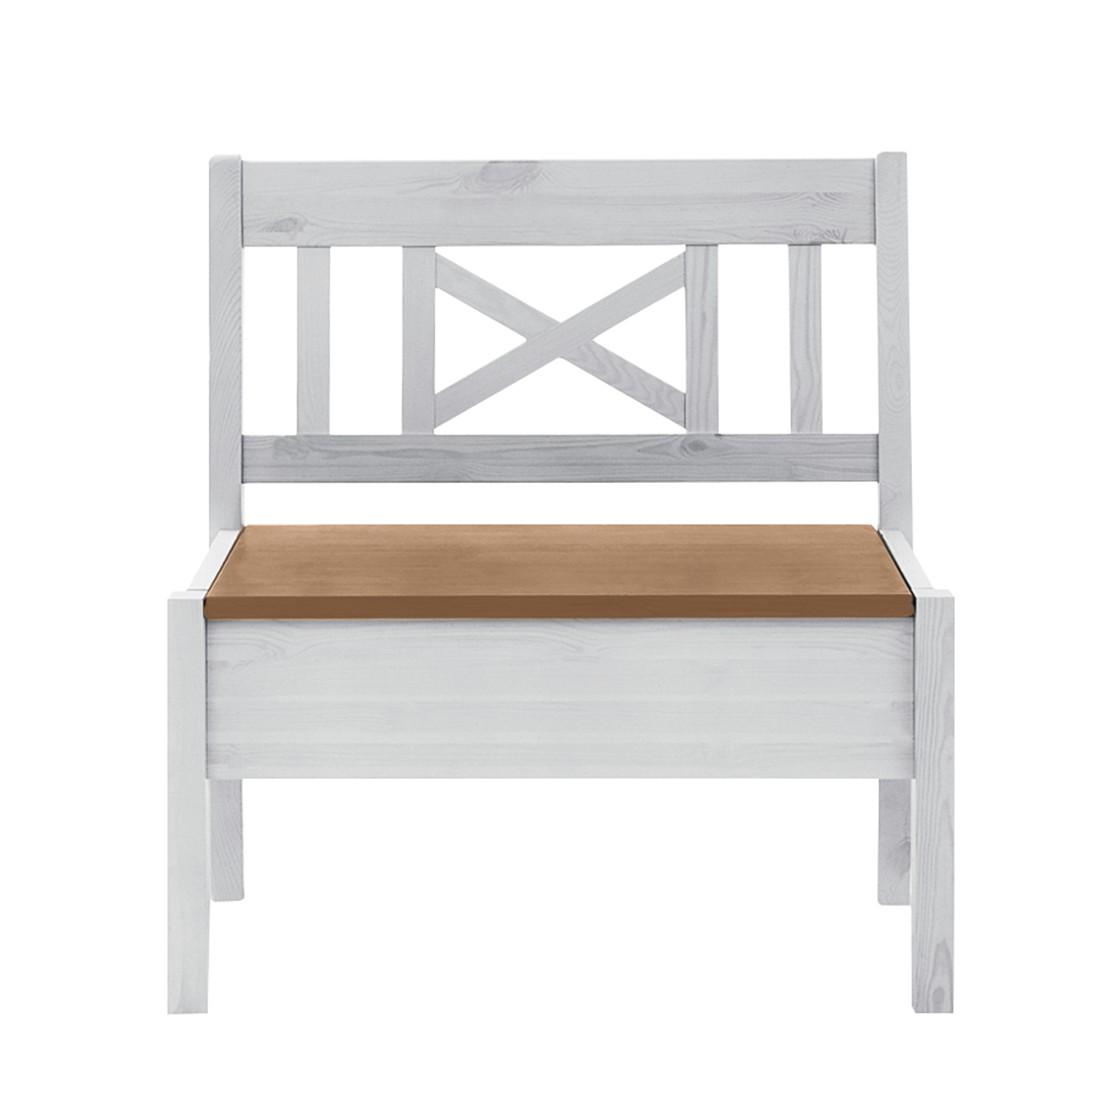 Bank Fjord zonder armleuningen - massief grenenhout wit/barnsteen - Wit grenenhout/loogkleurig grenenhout - 74cm, Maison Belfort